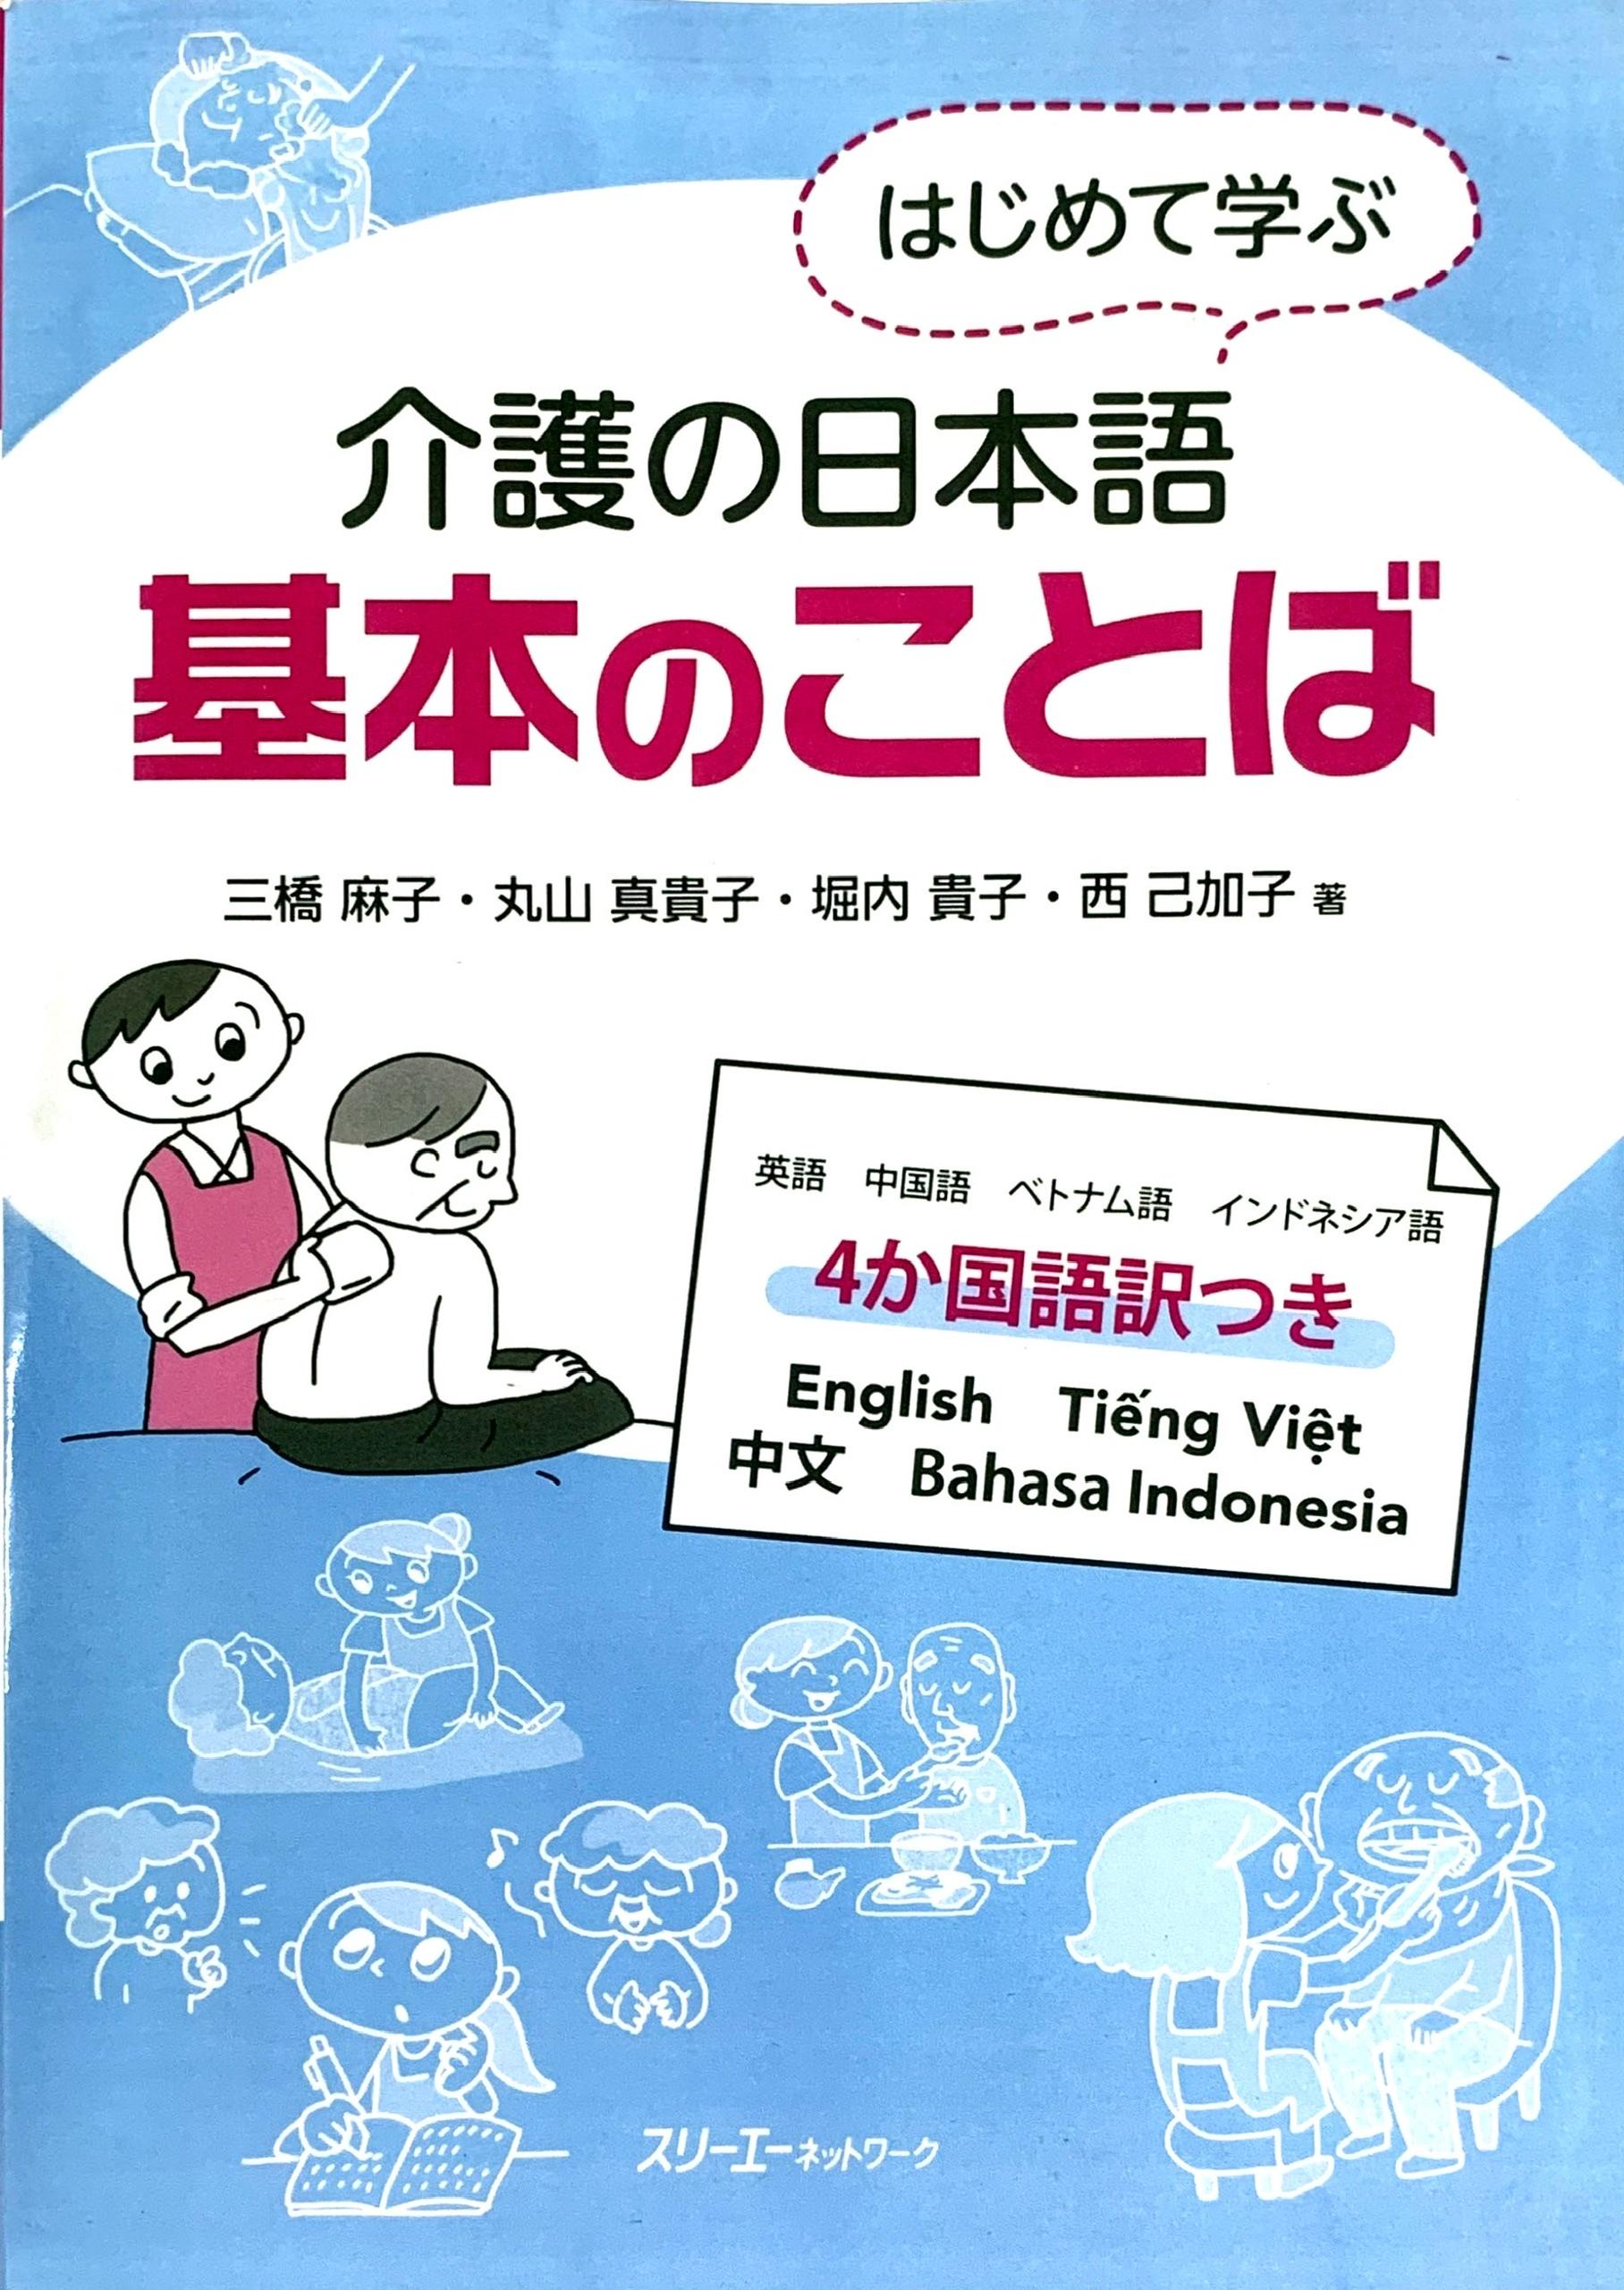 Lifestyle designSách Học Tiếng Nhật Kaigo no Nihongo Kotoba (Từ Vựng Cho Điều Dưỡng – Có Tiếng Việt)